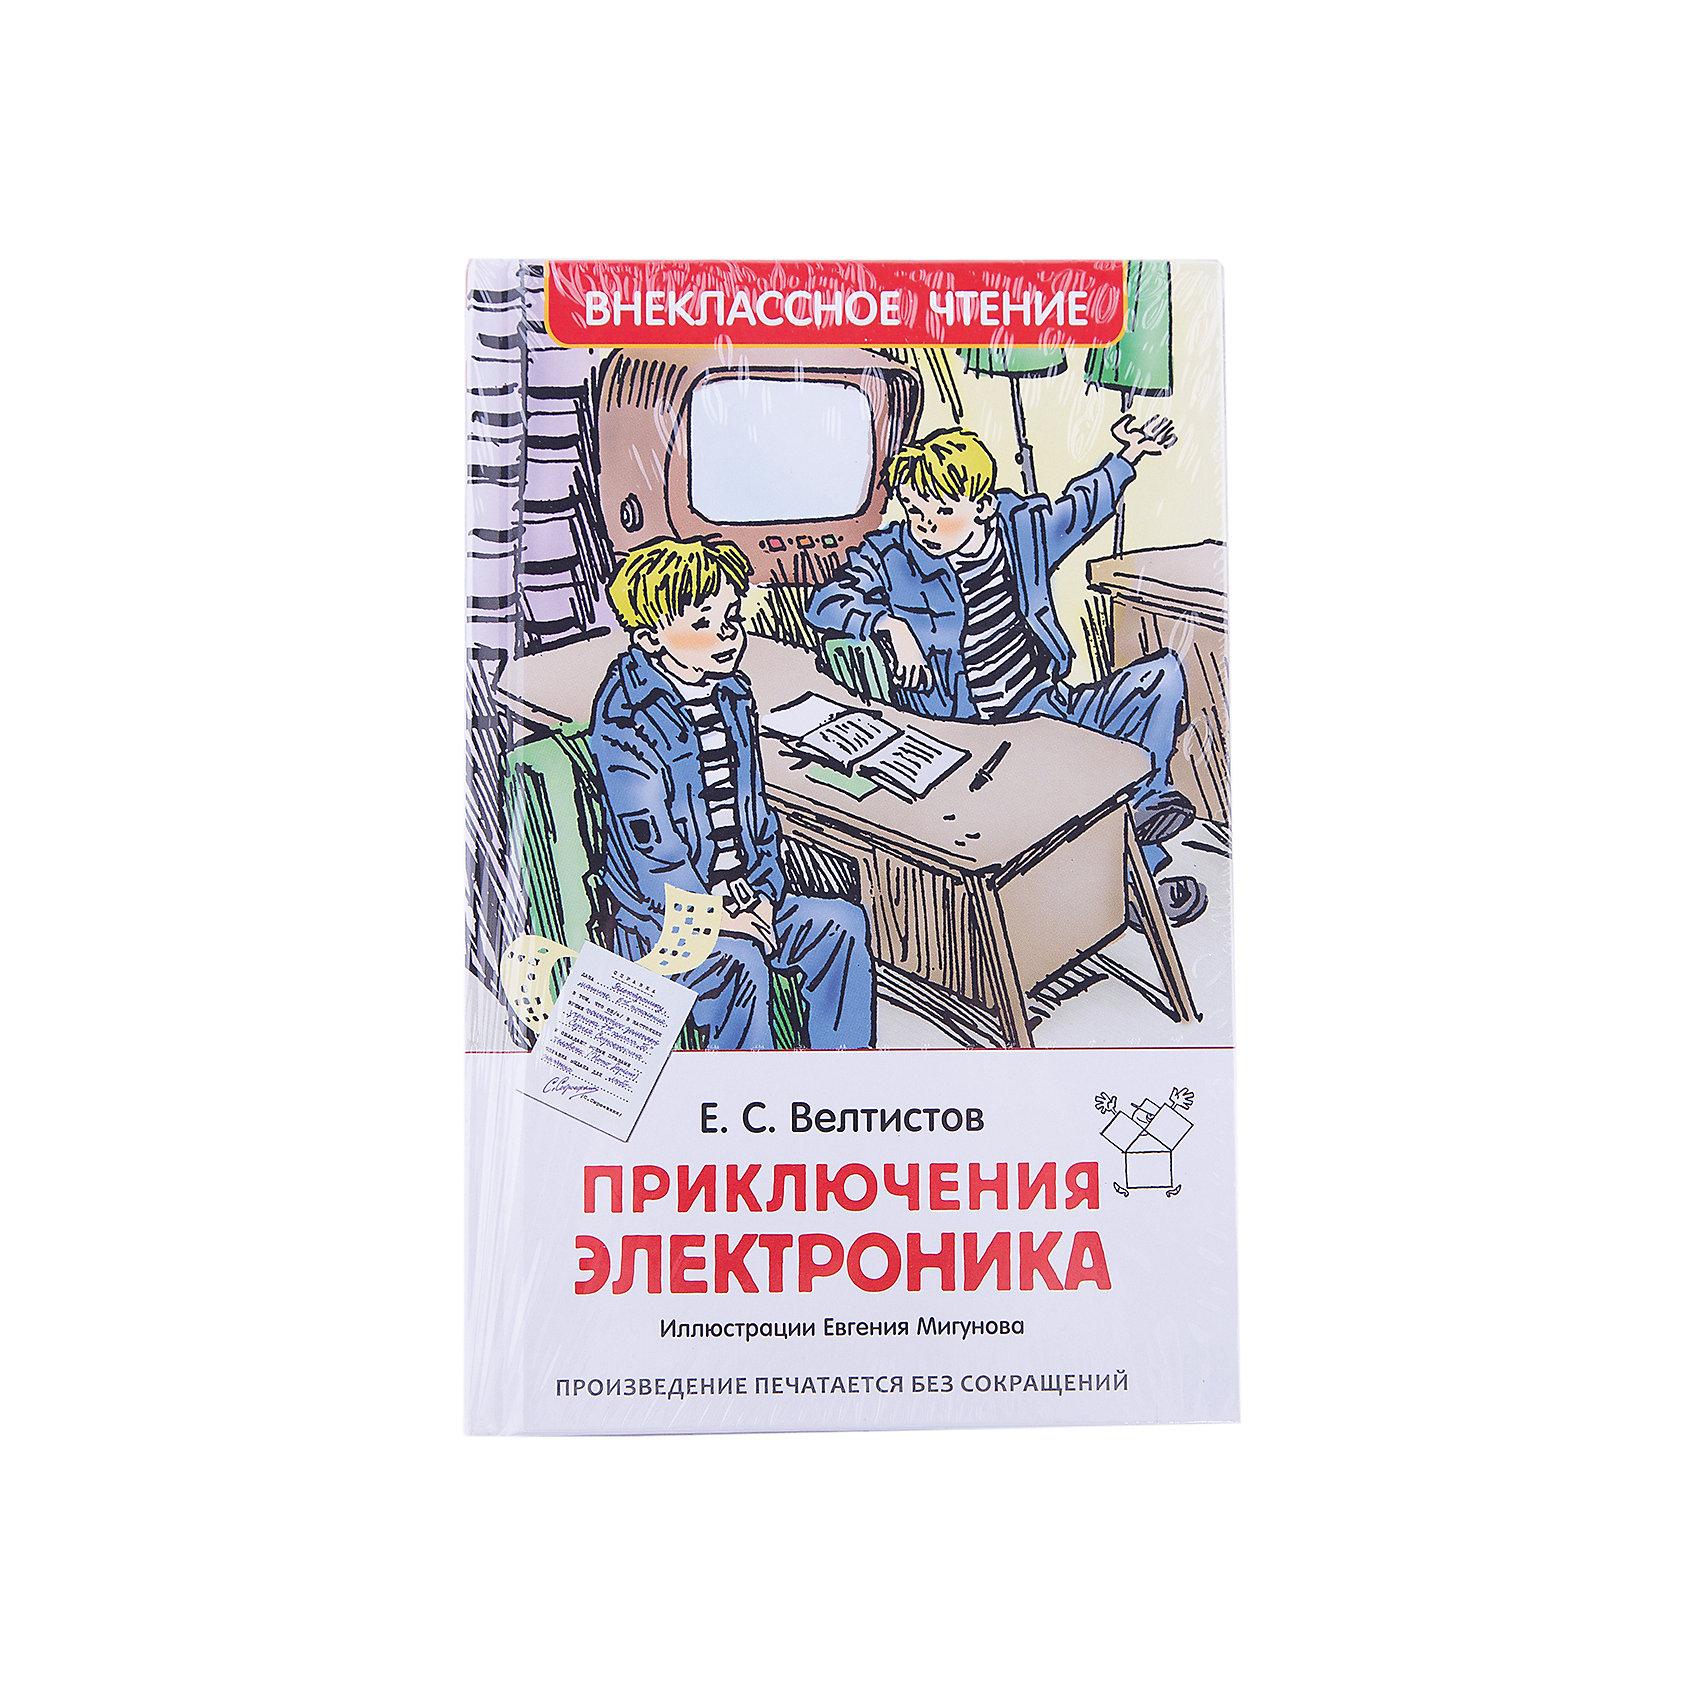 Росмэн Приключения Электроника, Е. Велтистов